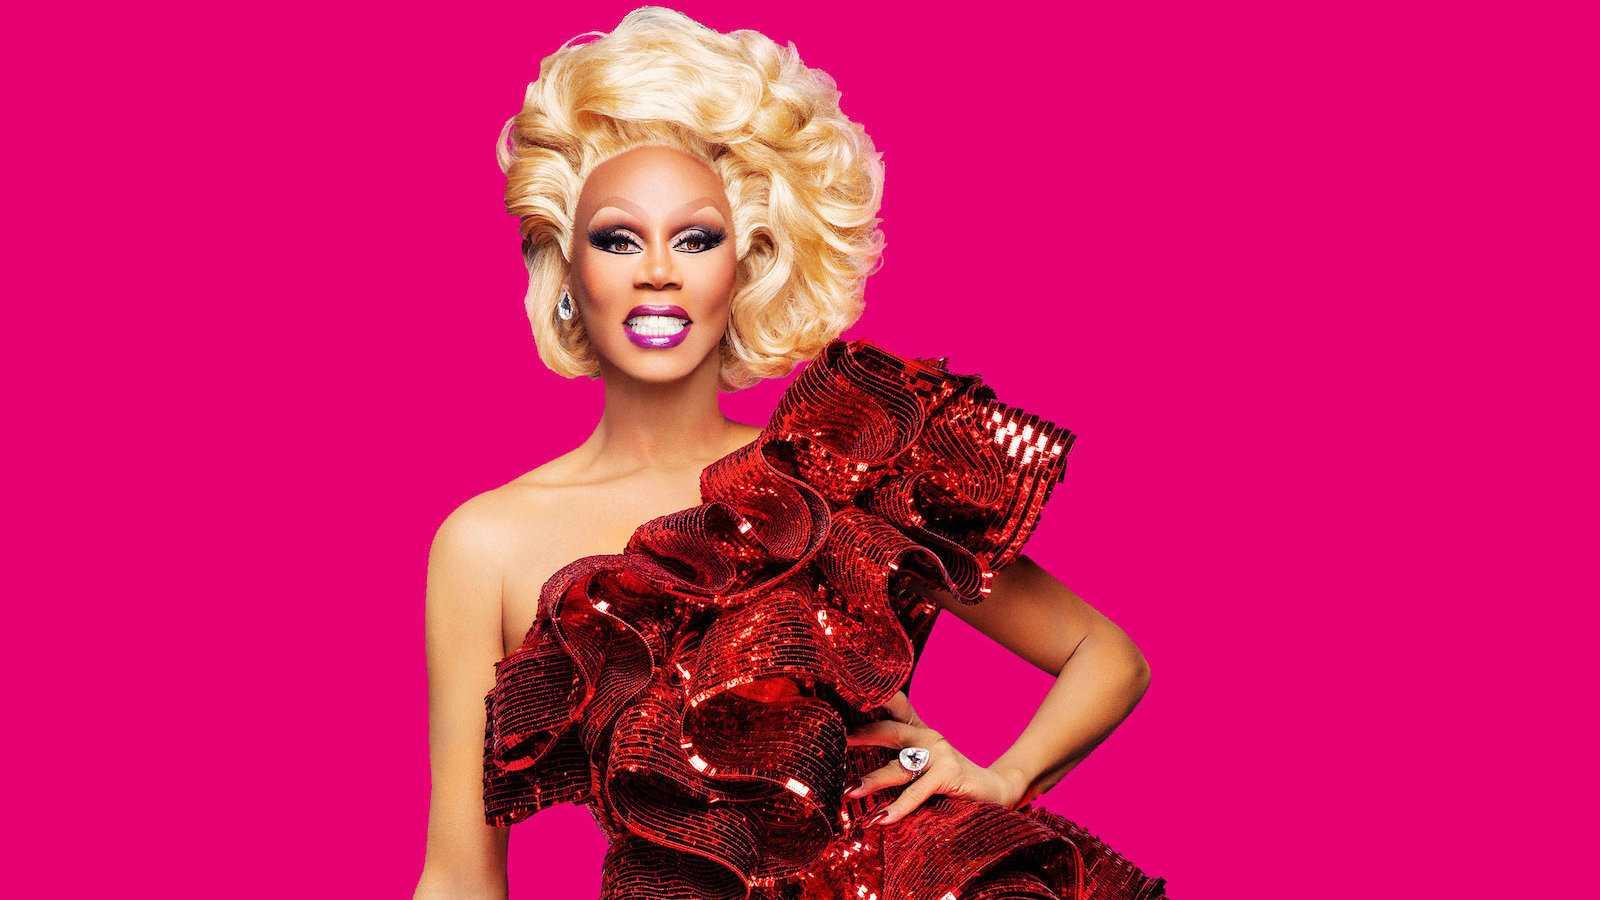 RuPaul é um drag performer muito famoso e um dos maiores ícones gays do mundo no momento